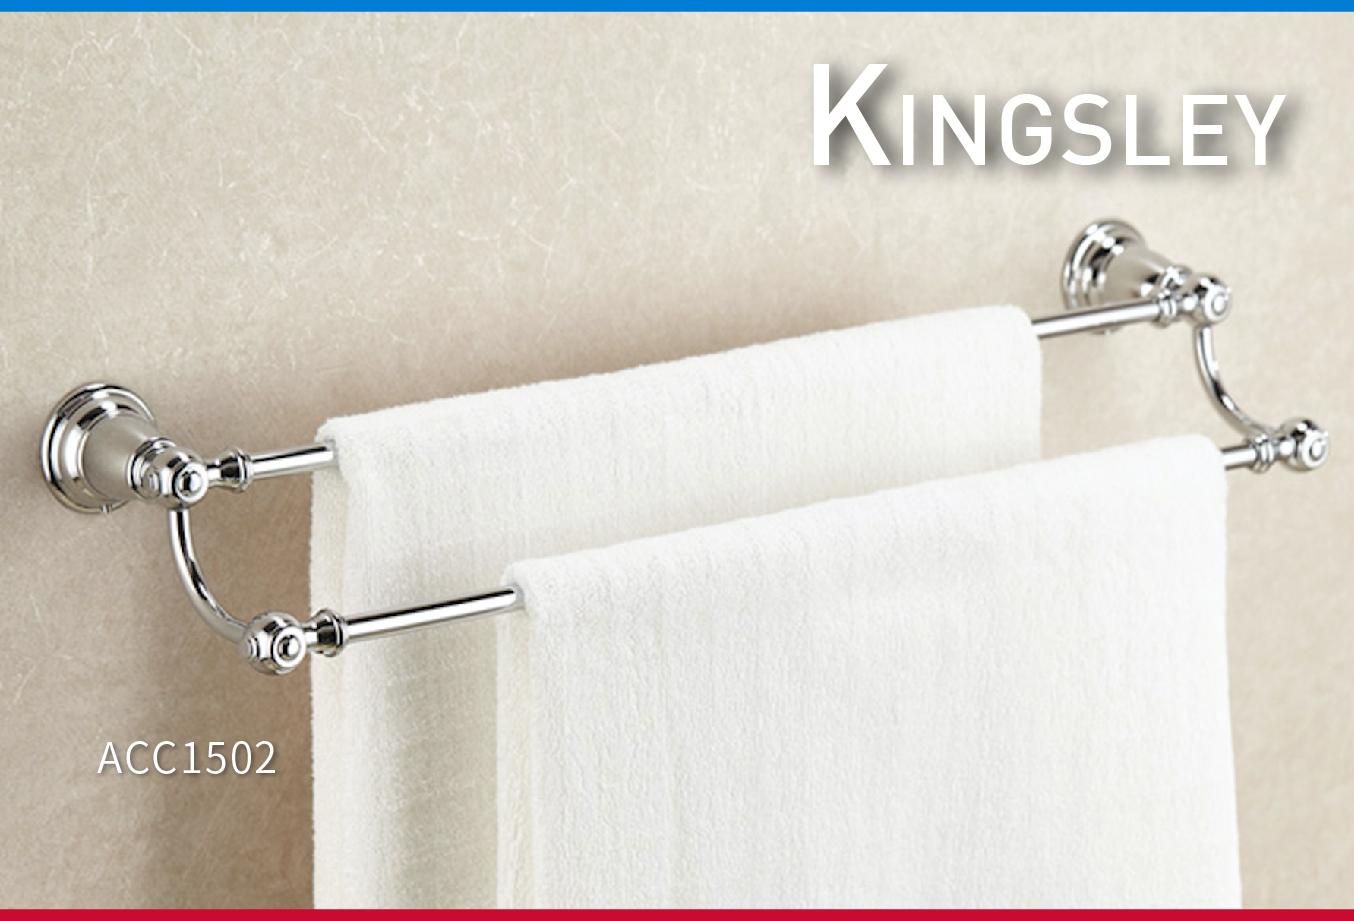 America Moen Kingsley ACC1502 Main Image (Accessories)